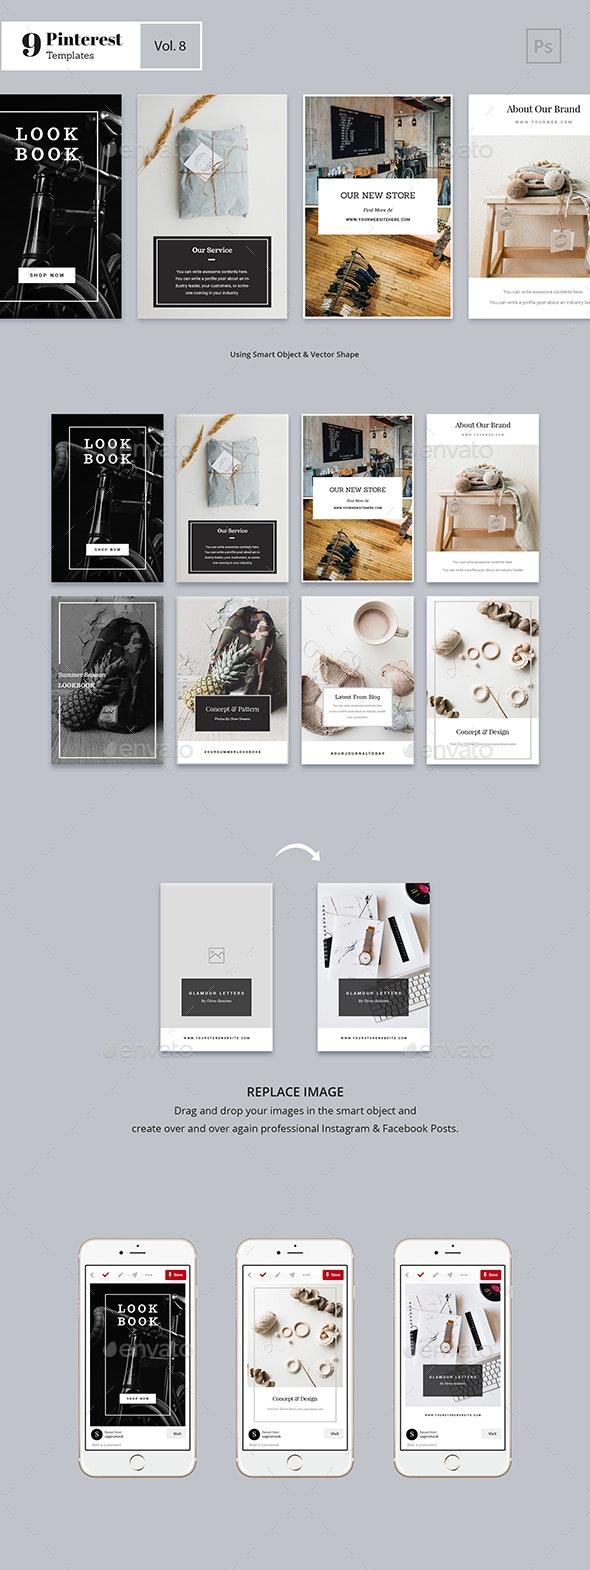 Pinterest Templates Vol. 8 - Social Media Web Elements